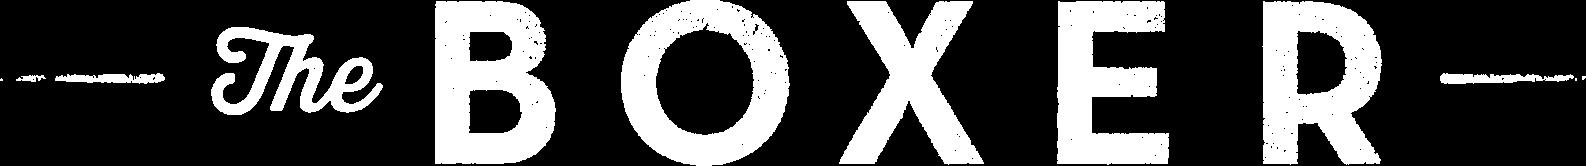 Boxer Header Logo